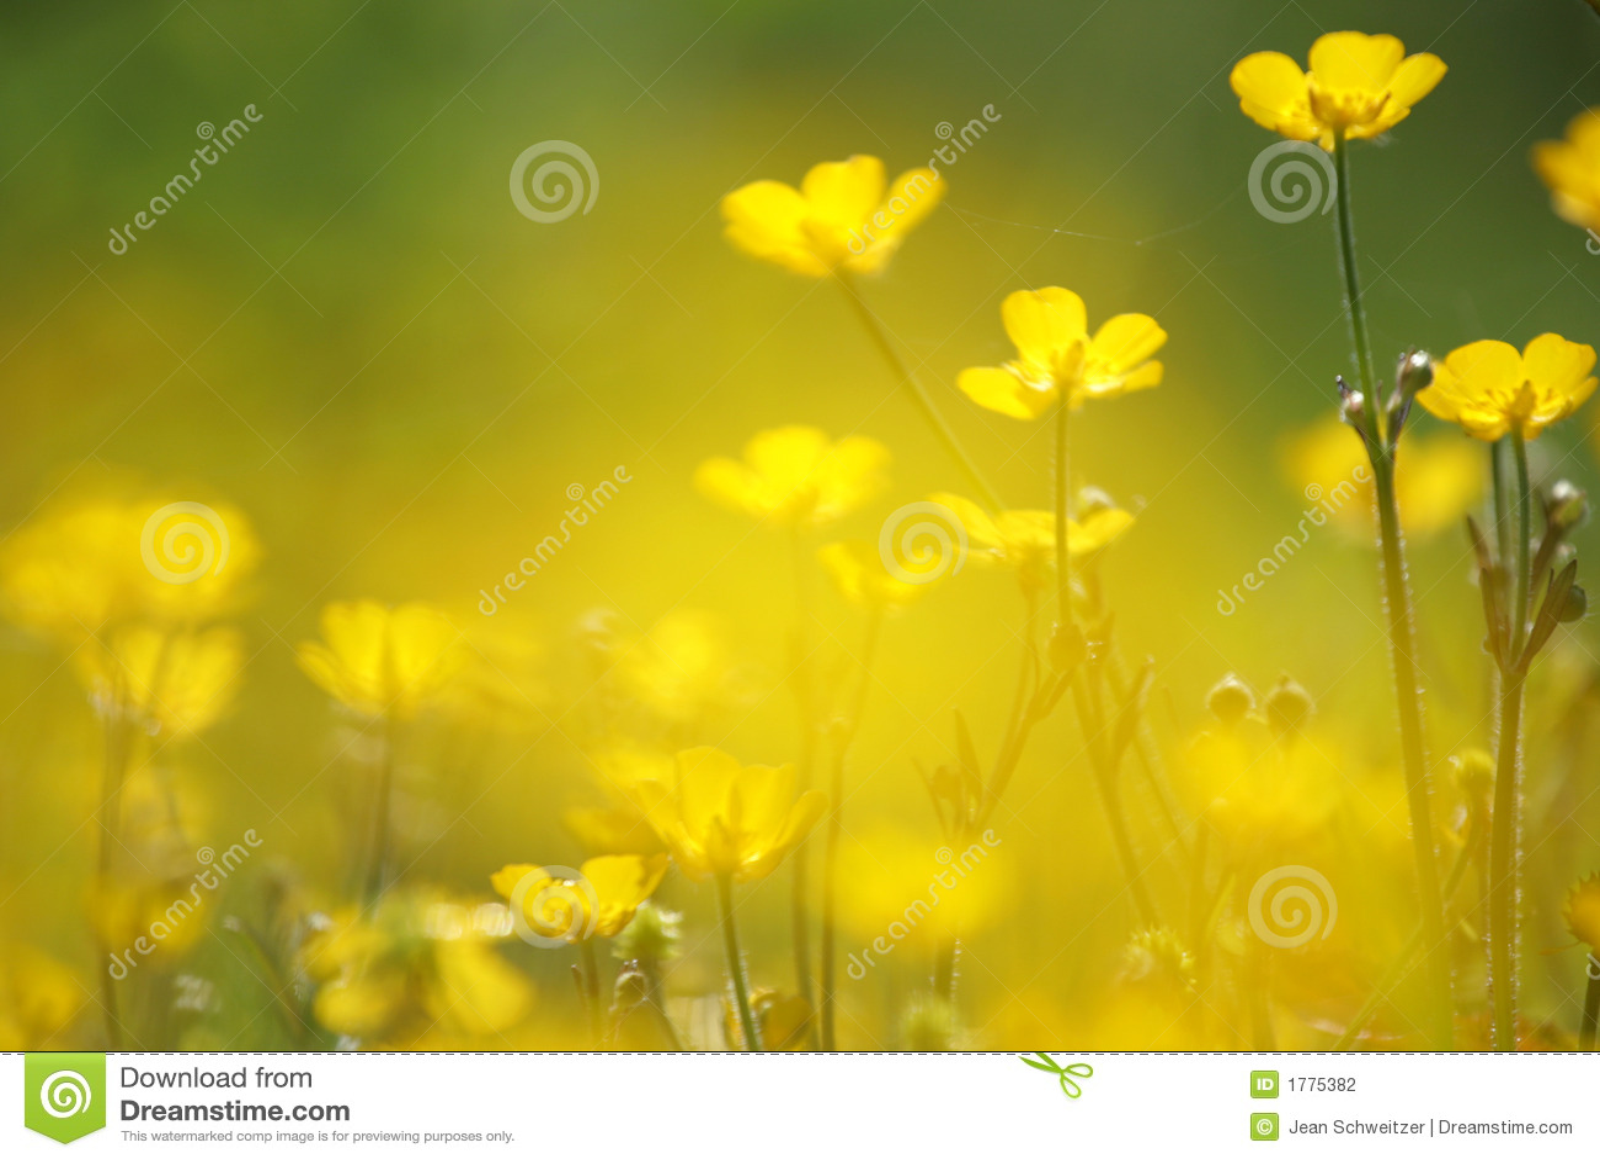 Primo piano giallo del fiore